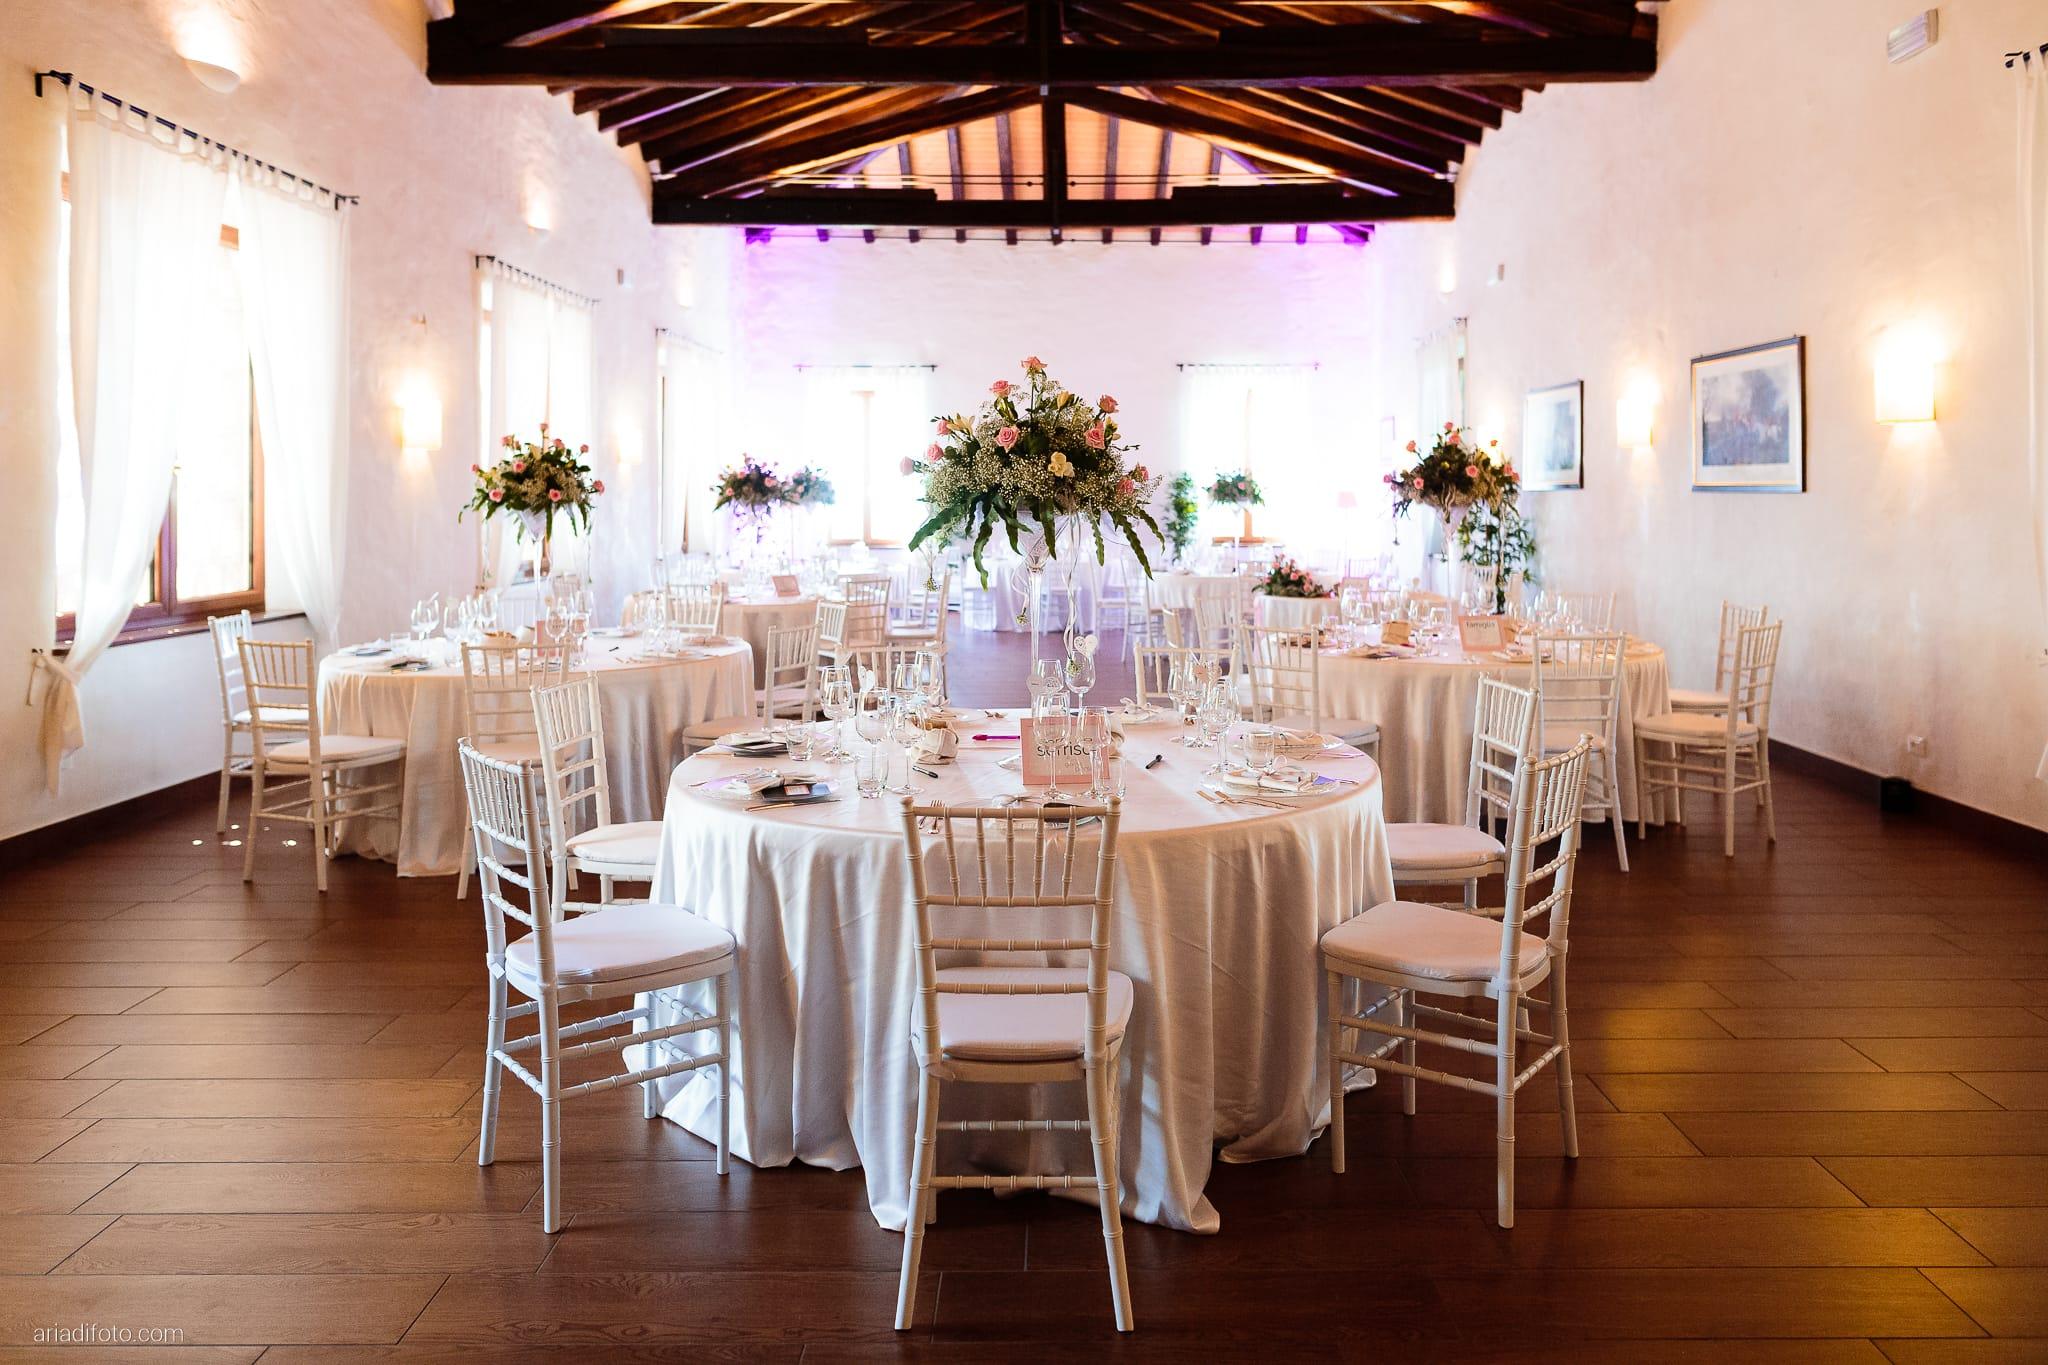 Martina Daniele Matrimonio Duino Baronesse Tacco Collio Gorizia ricevimento dettagli sala decorazioni allestimenti